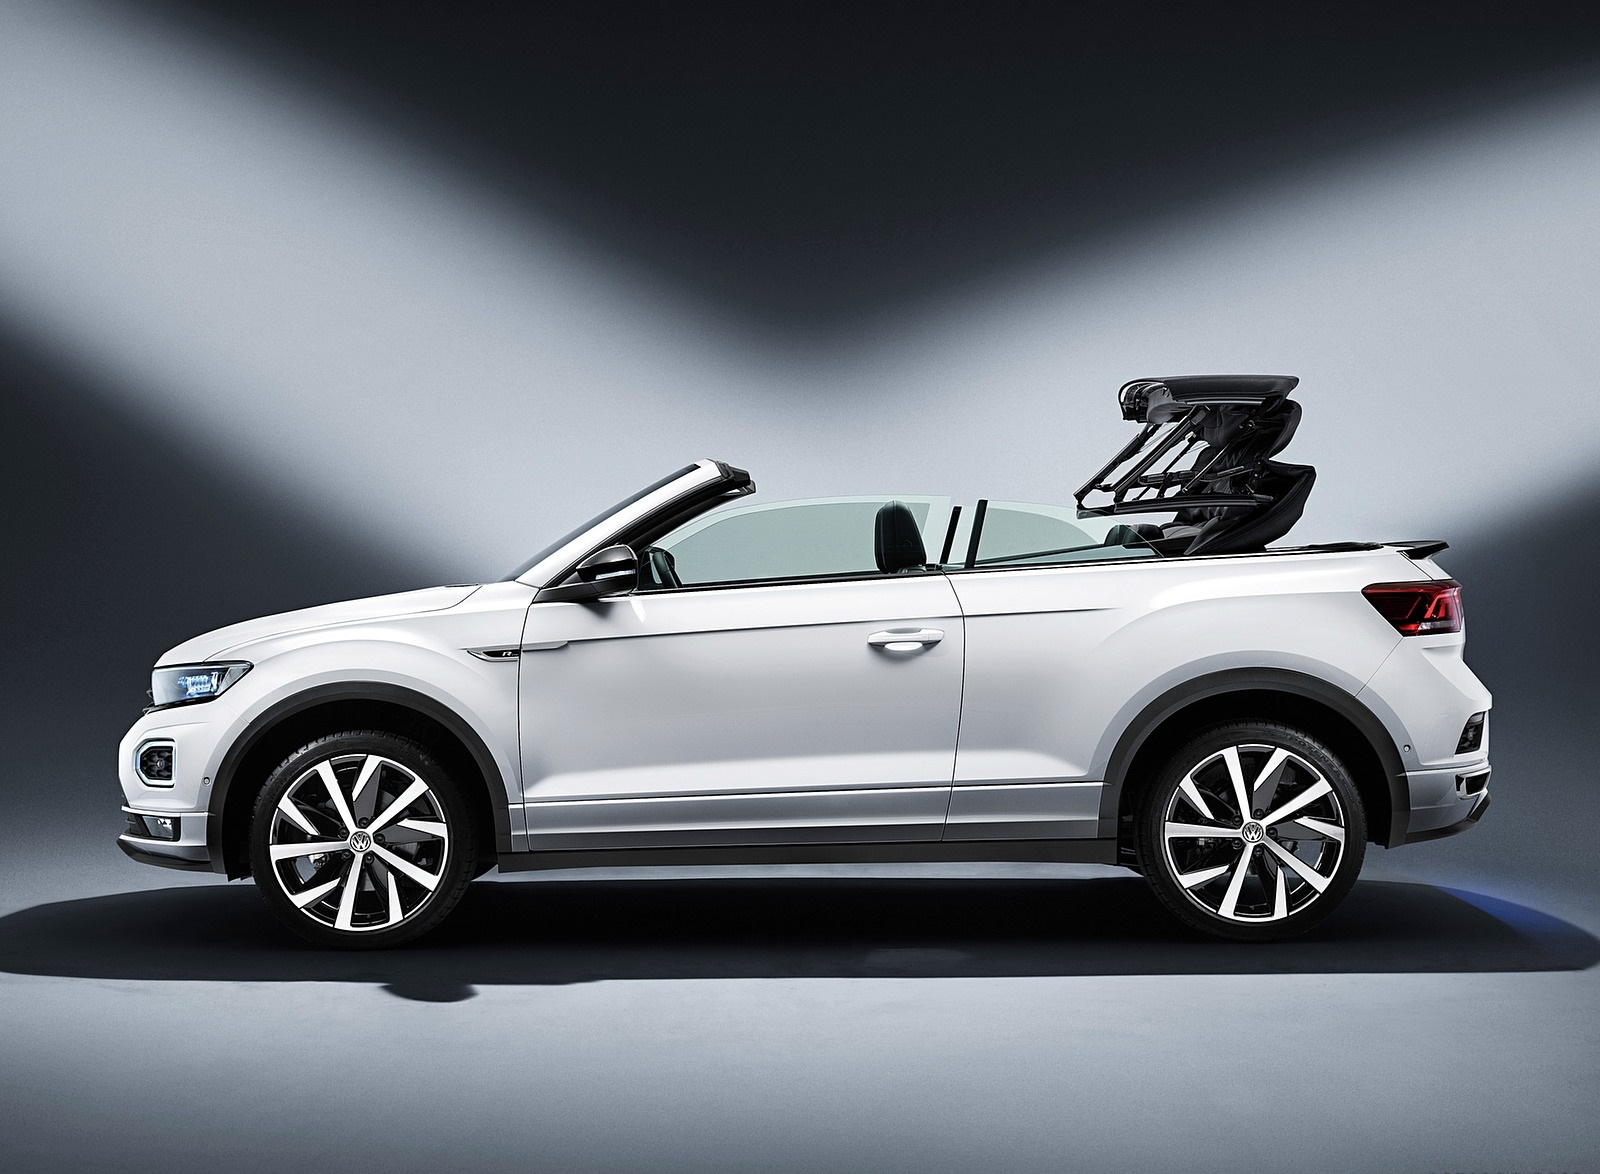 2020 Volkswagen T-Roc Cabriolet Side Wallpapers (14)